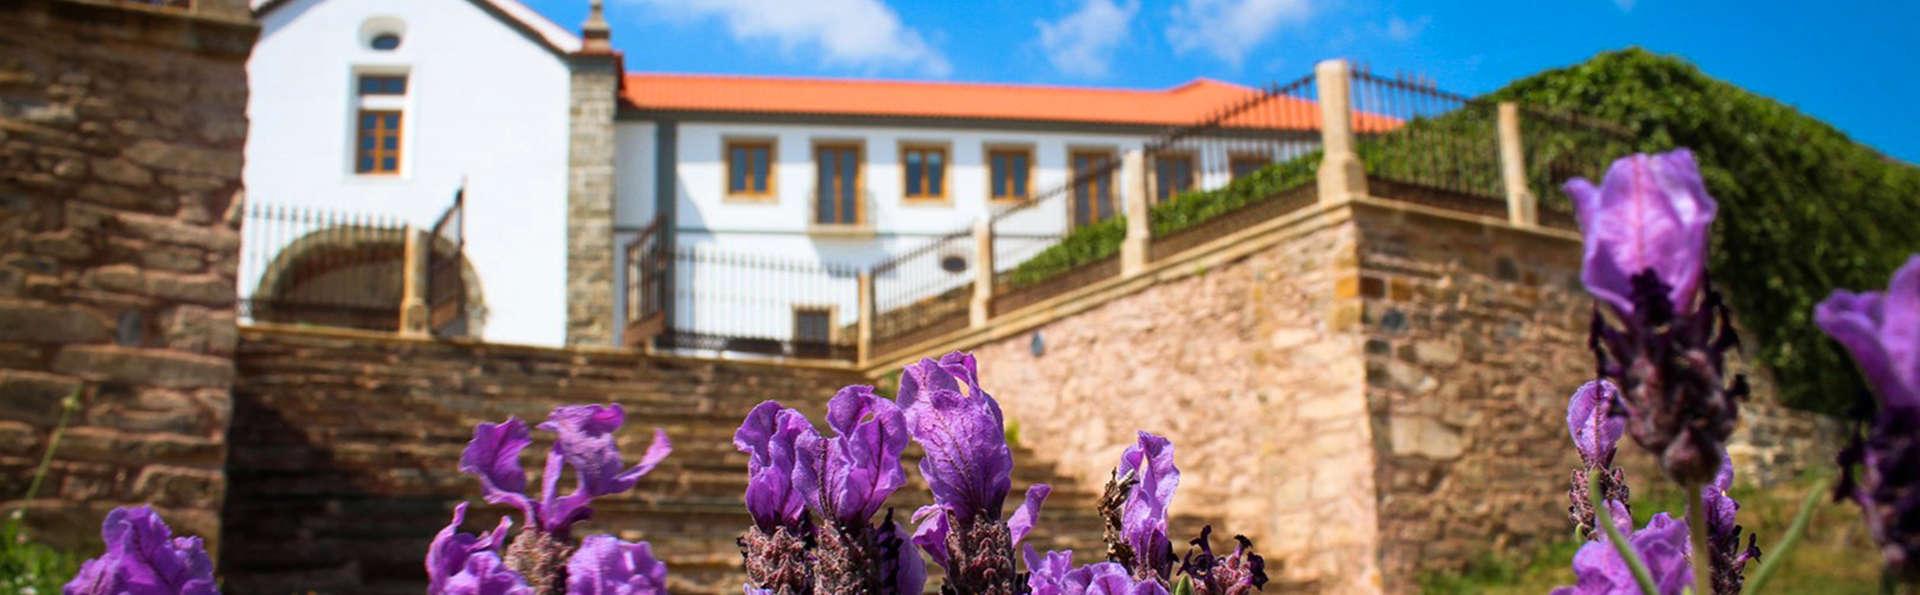 Convento da Serta Hotel by Ymspyra (inactif) - EDIT_Exterior.jpg